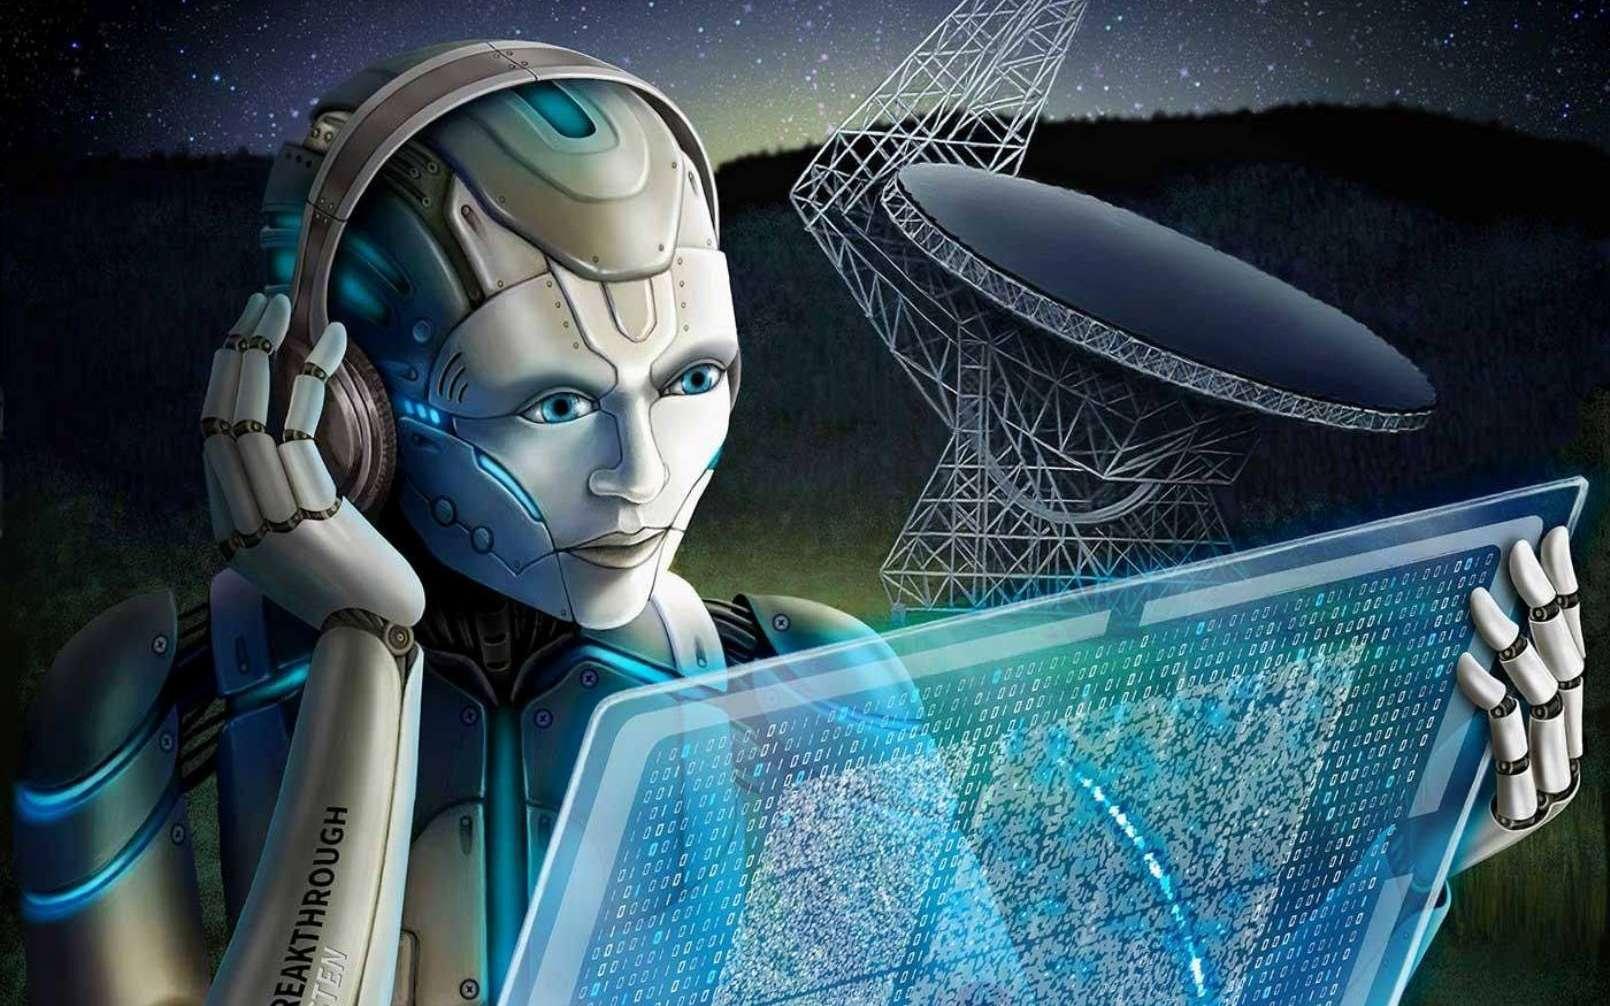 Une vue d'artiste d'une IA étudiant des FRB avec le radiotélescope de Green Bank. © Breakthrough Listen / Danielle Futselaar